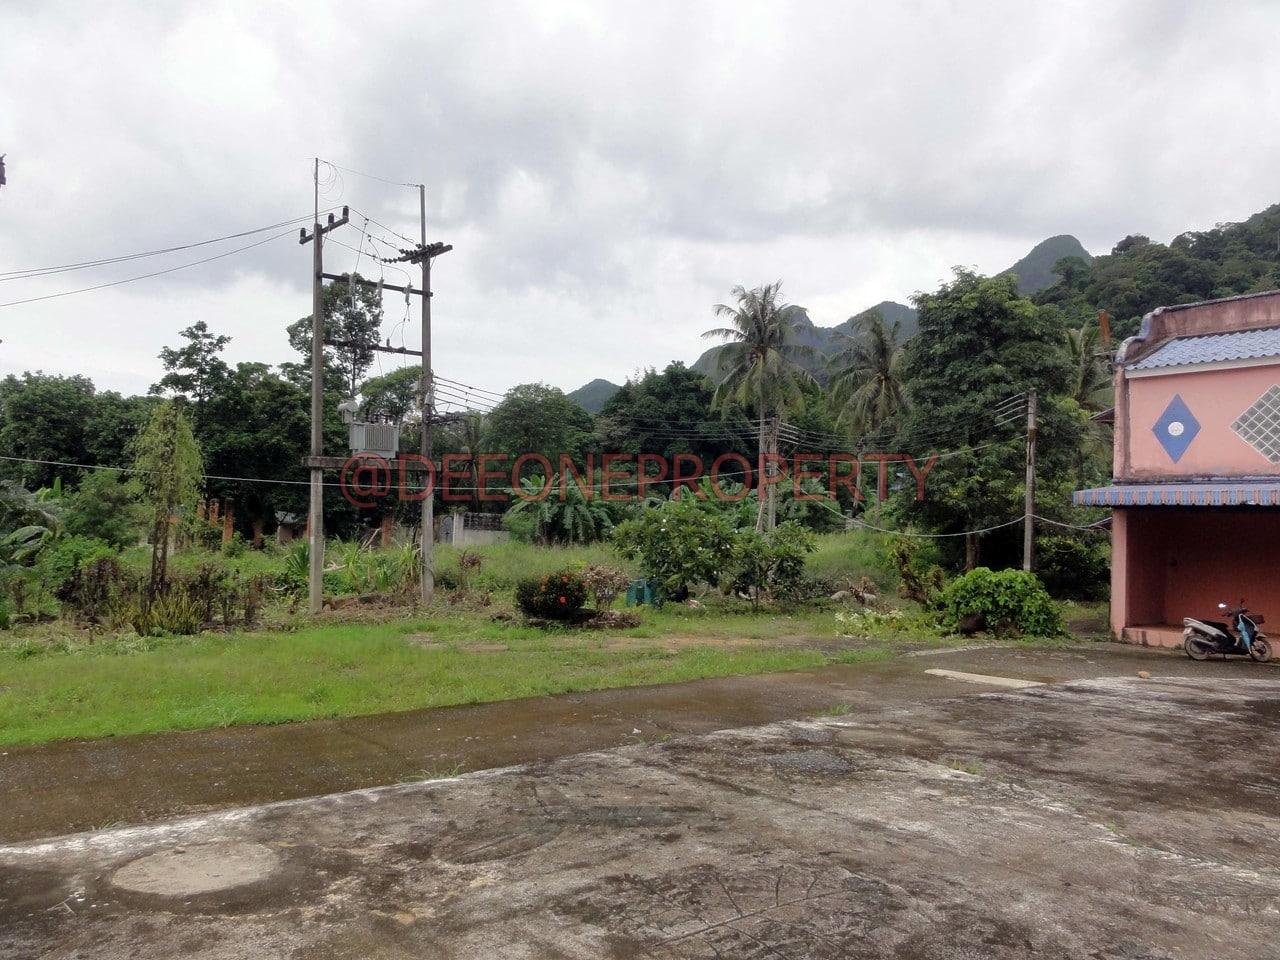 Grand Terrain à Louer sur la Route Principale – Chaiya Chet, Koh Chang